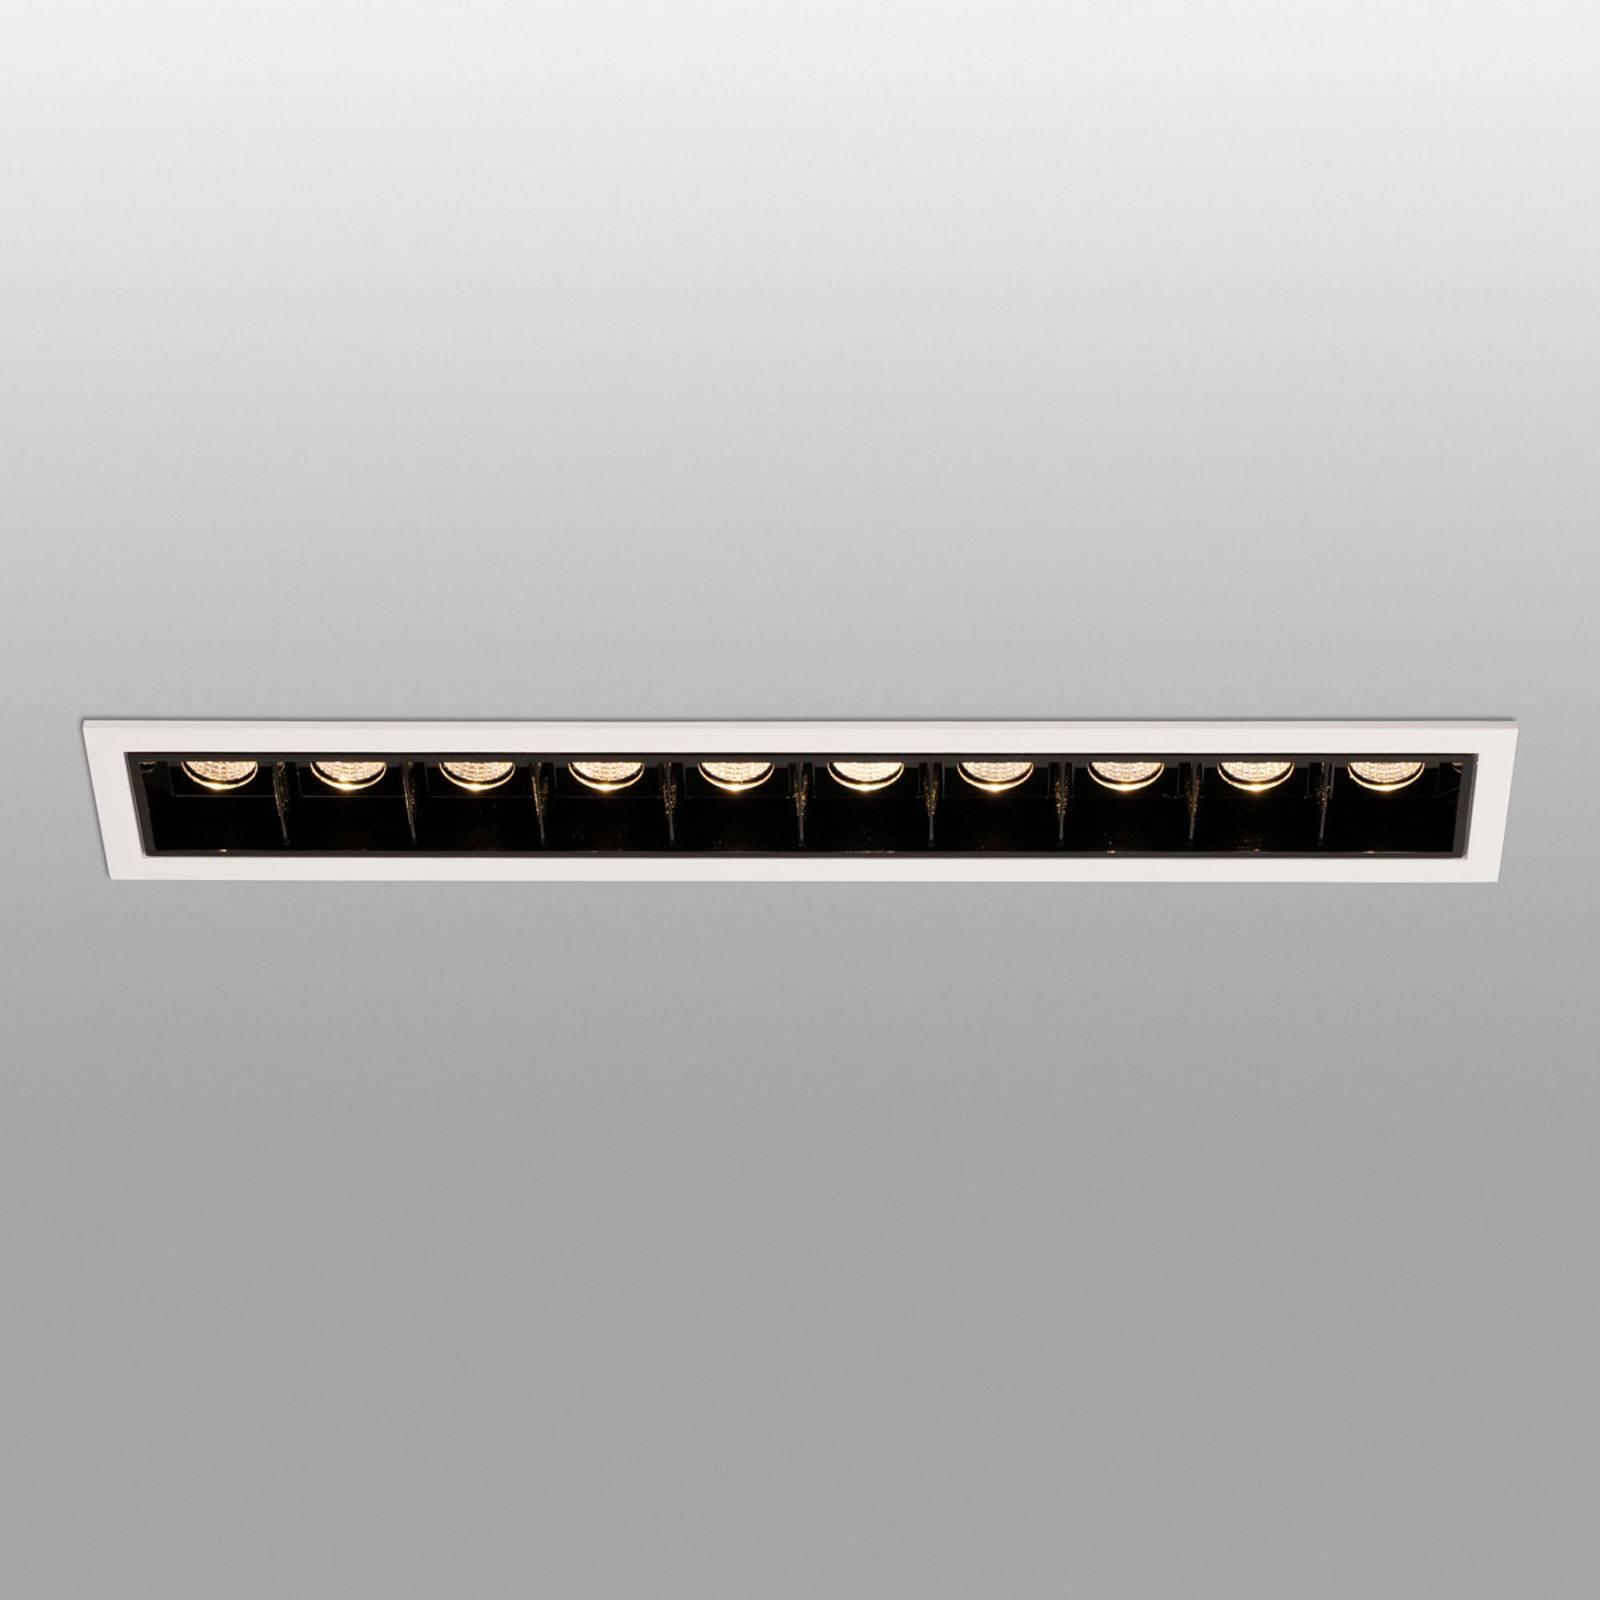 Spot LED incasso Troop con telaio, 10 luci